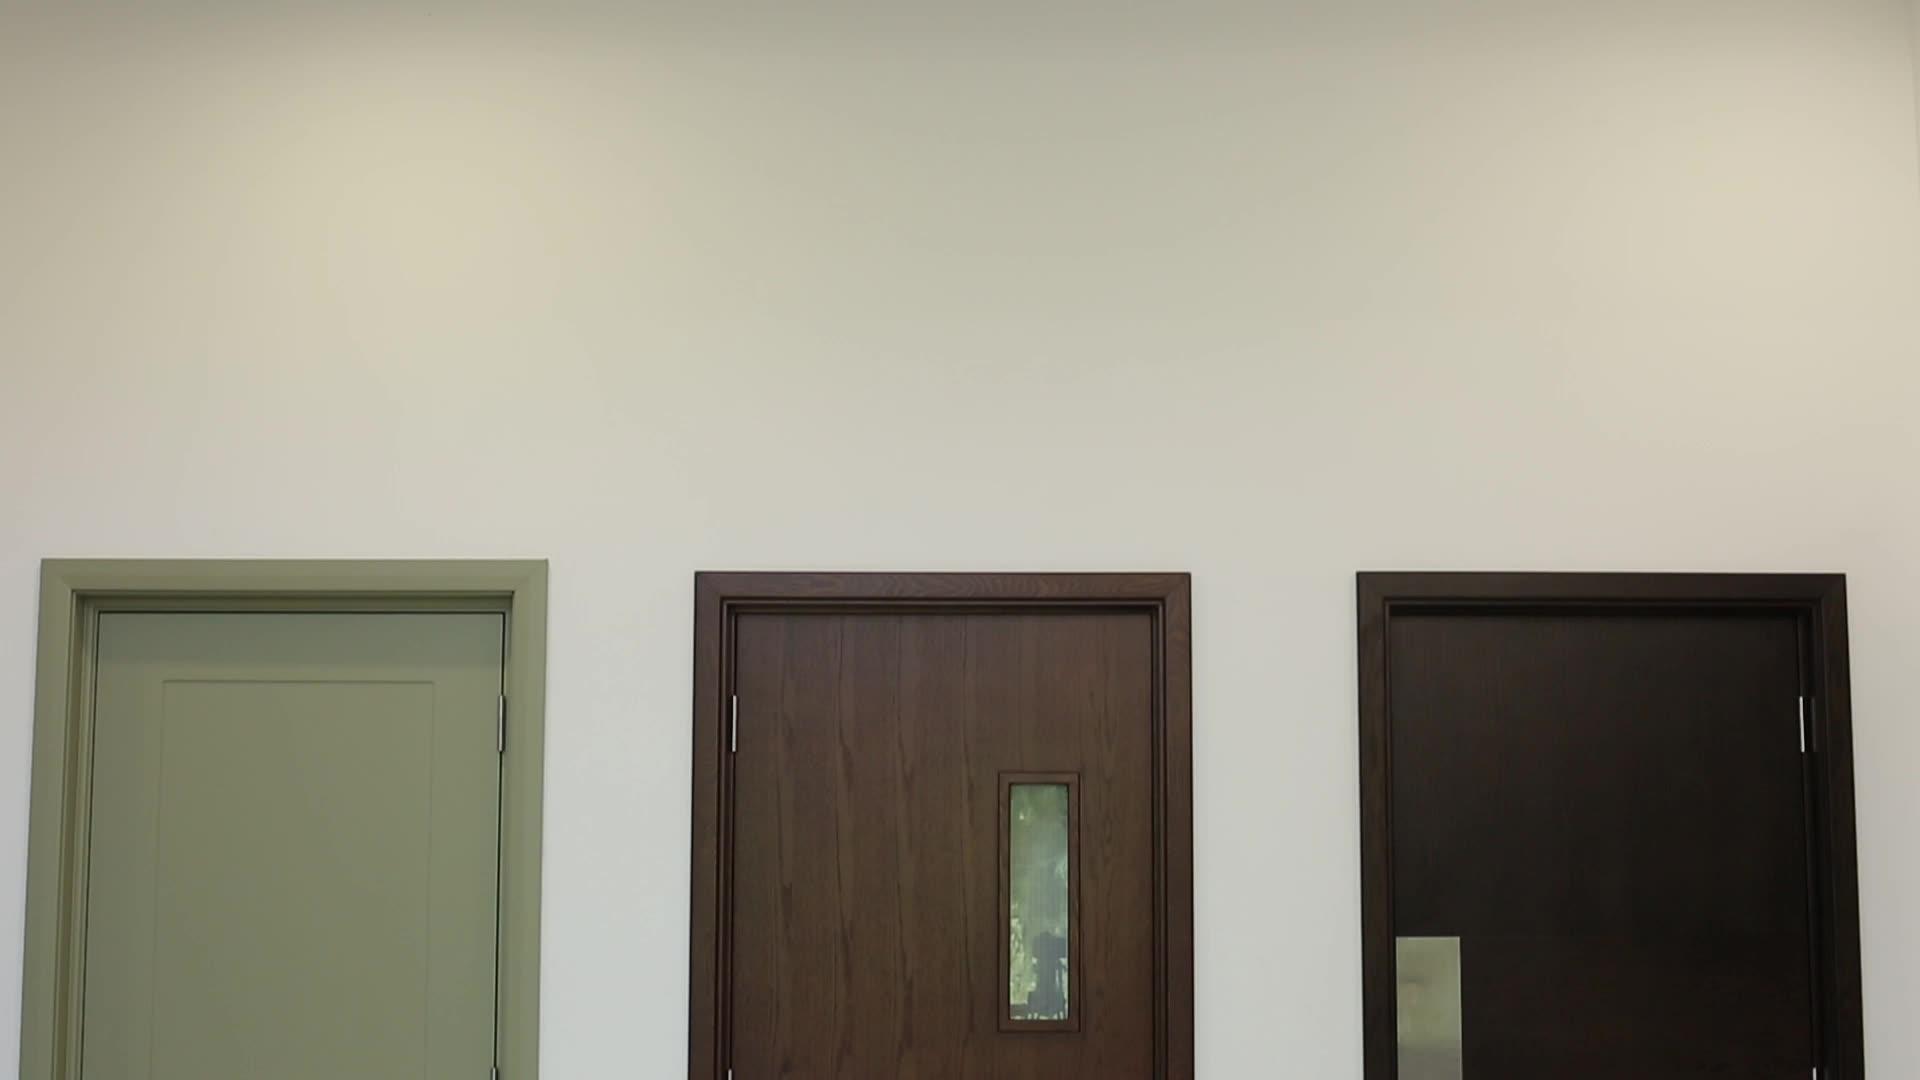 180 دقيقة WHI UL المدرجة الصلب النار تصنيف الأبواب مع اللوحة النهائية